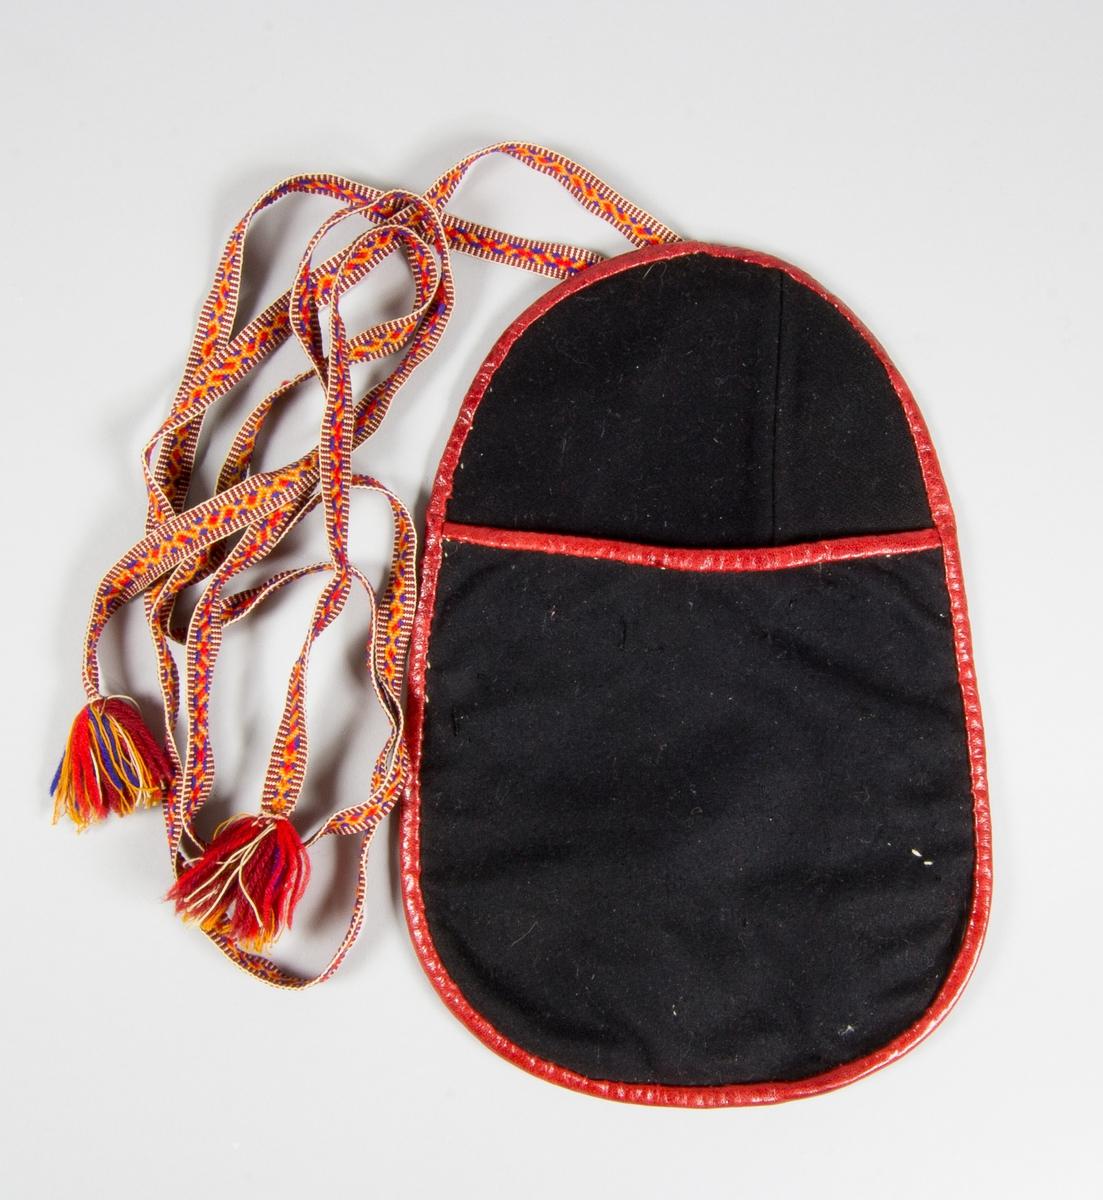 Kjolsäck till dräkt för kvinna från Sundborns socken, Dalarna. Modell med avskuret framstycke. Tillverkad av svart ylletyg, kläde, hopskarvad av flera delar.   Framstycket fodrat med vitt fabriksvävt bomullstyg, tuskaft. Kantat runtom med rött skinn, möjligen saffian. Bakstycke av vitt fårskinn. Midjeband handvävt, med plockat mönster i rött och blått på gul botten, röda stolpar i kanten. Varje ände med en tofs av garnet.  Framstycket har flera hål.